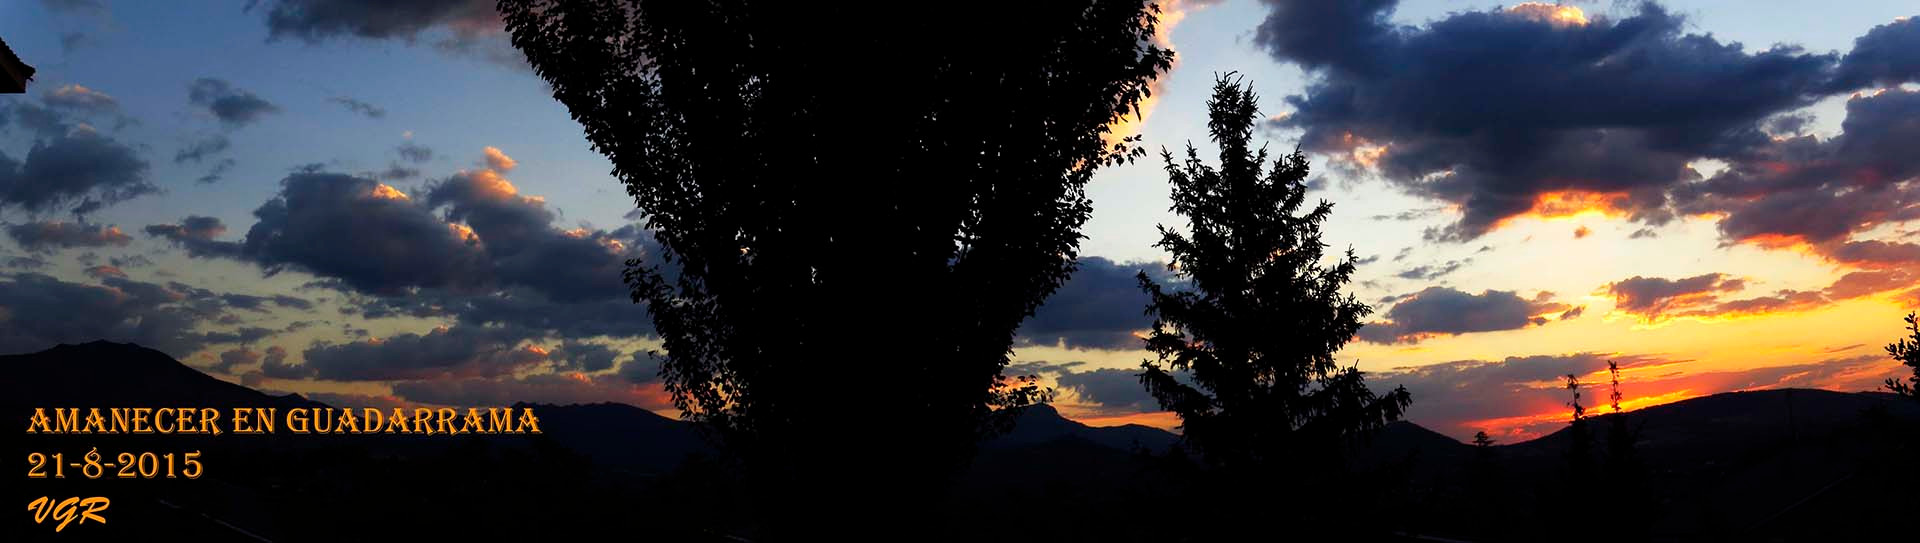 Amanecer-Guadarrama-21-8-2015-1-WEB.jpg